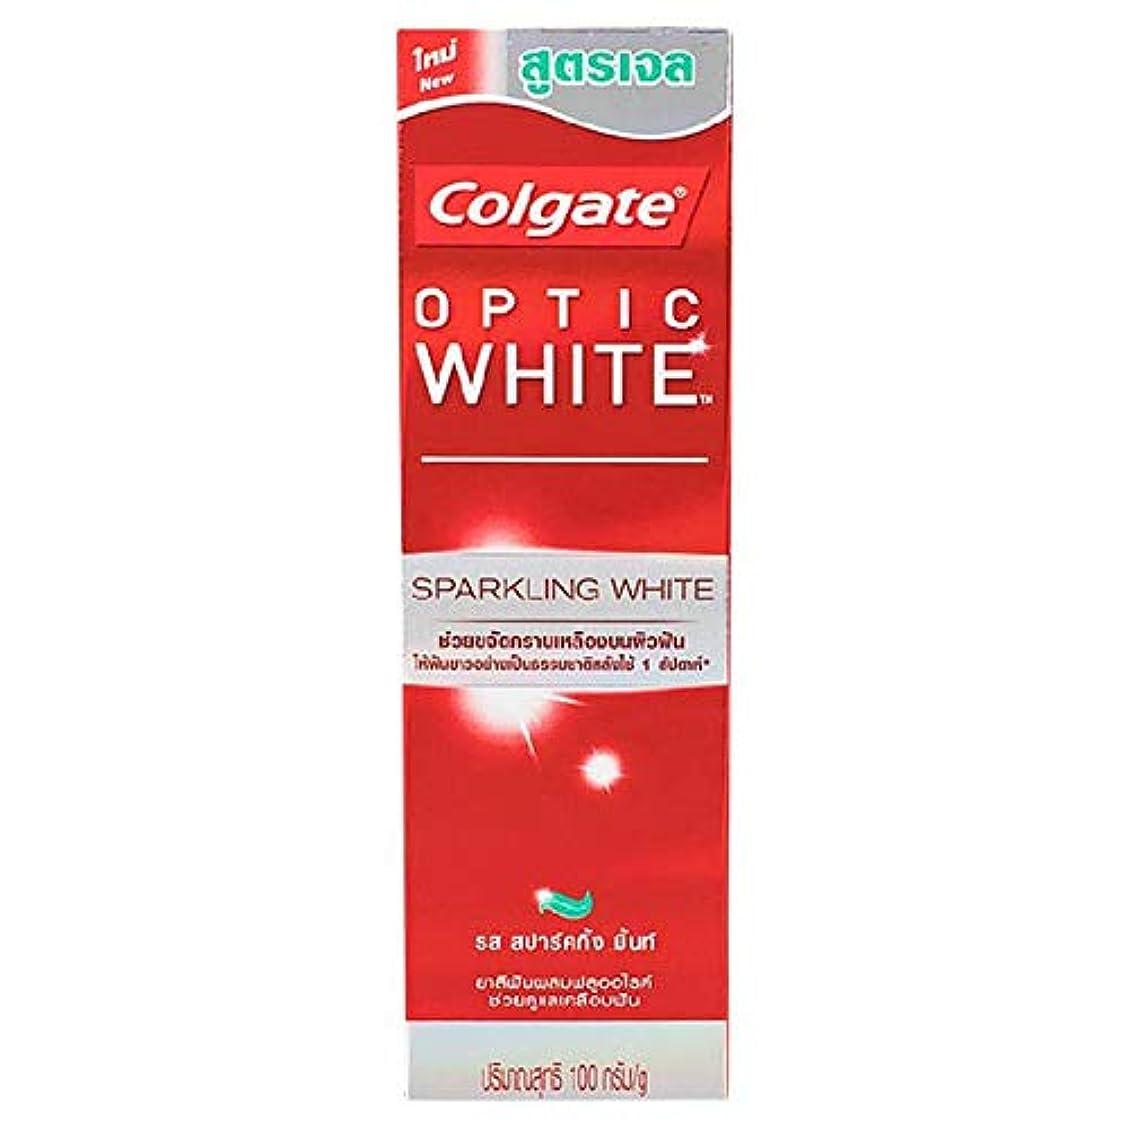 委任シネウィ賞(コルゲート)Colgate 歯磨き粉 「オプティック ホワイト 」 (スパークリングホワイト)